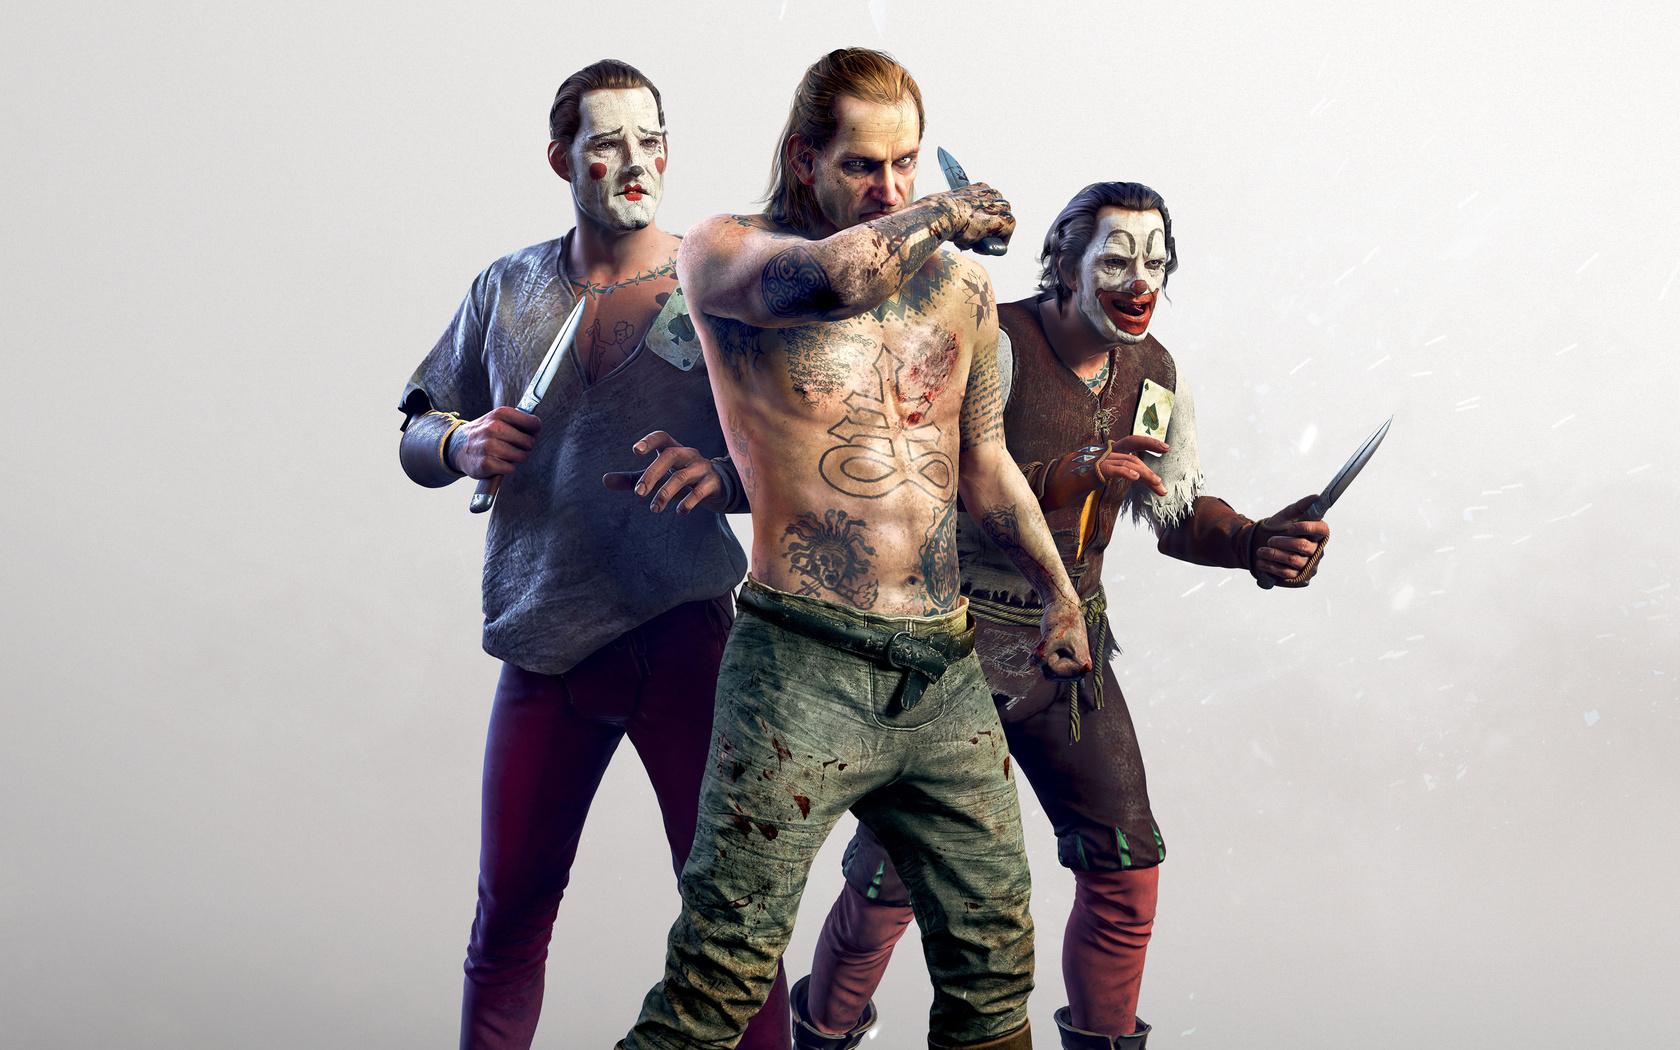 the-witcher-3-wild-hunt-joker-gang-4k-3x.jpg